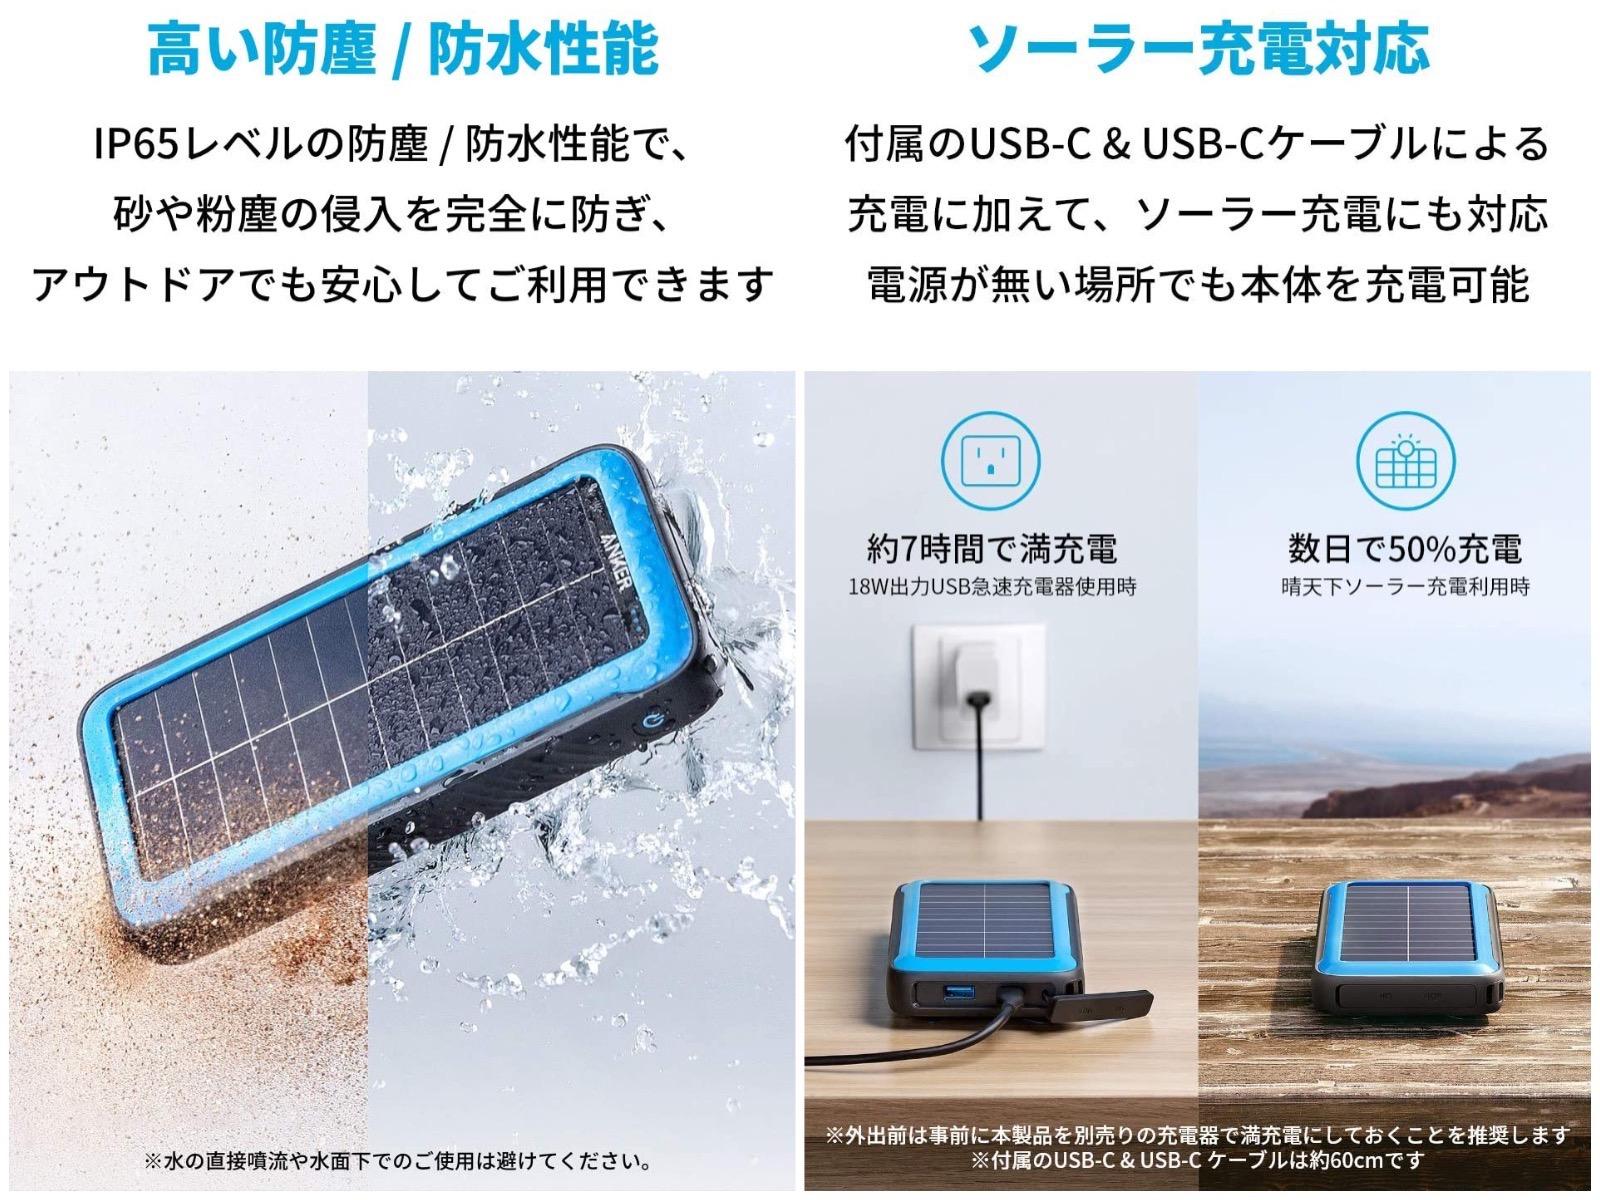 Anker Solar Panel Mobile Battery Specs